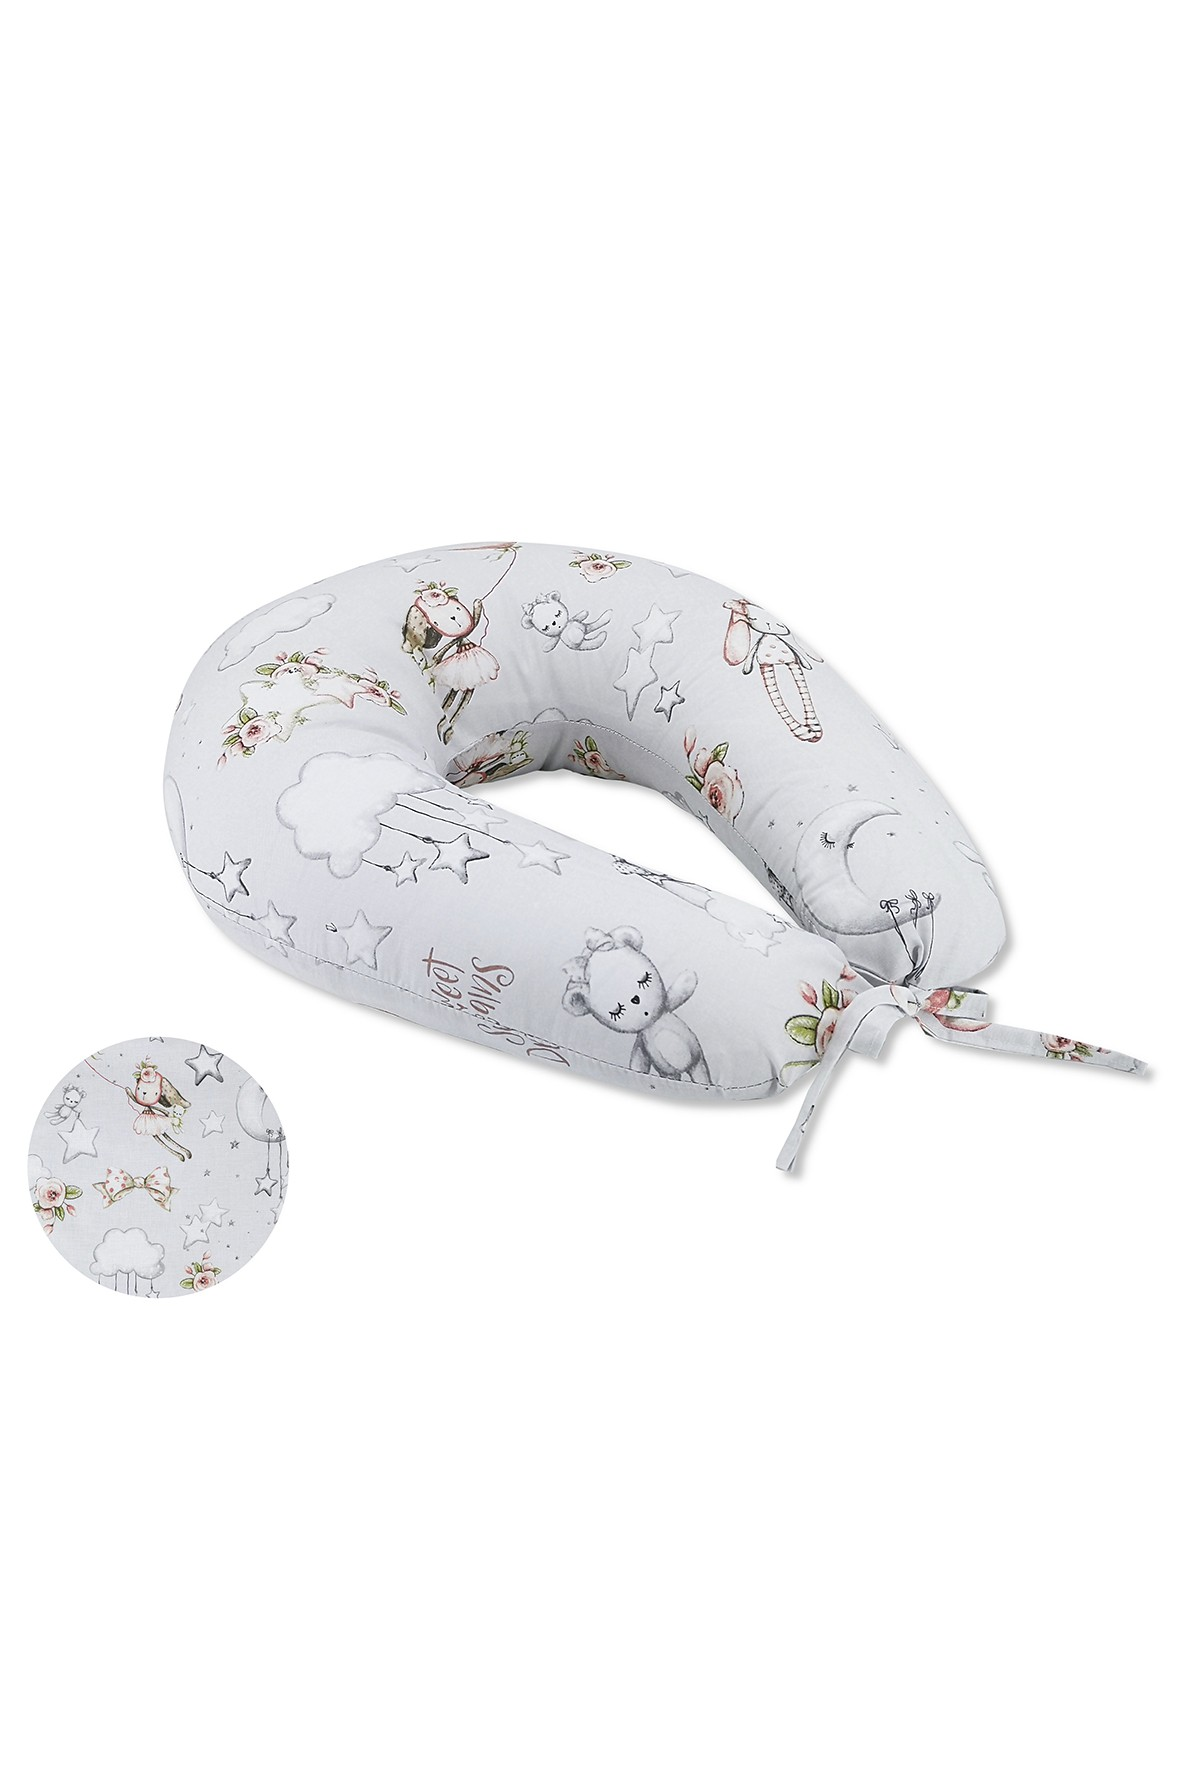 Bawełniana poduszka do karmienia 185cm obwód - Kolorowe sny